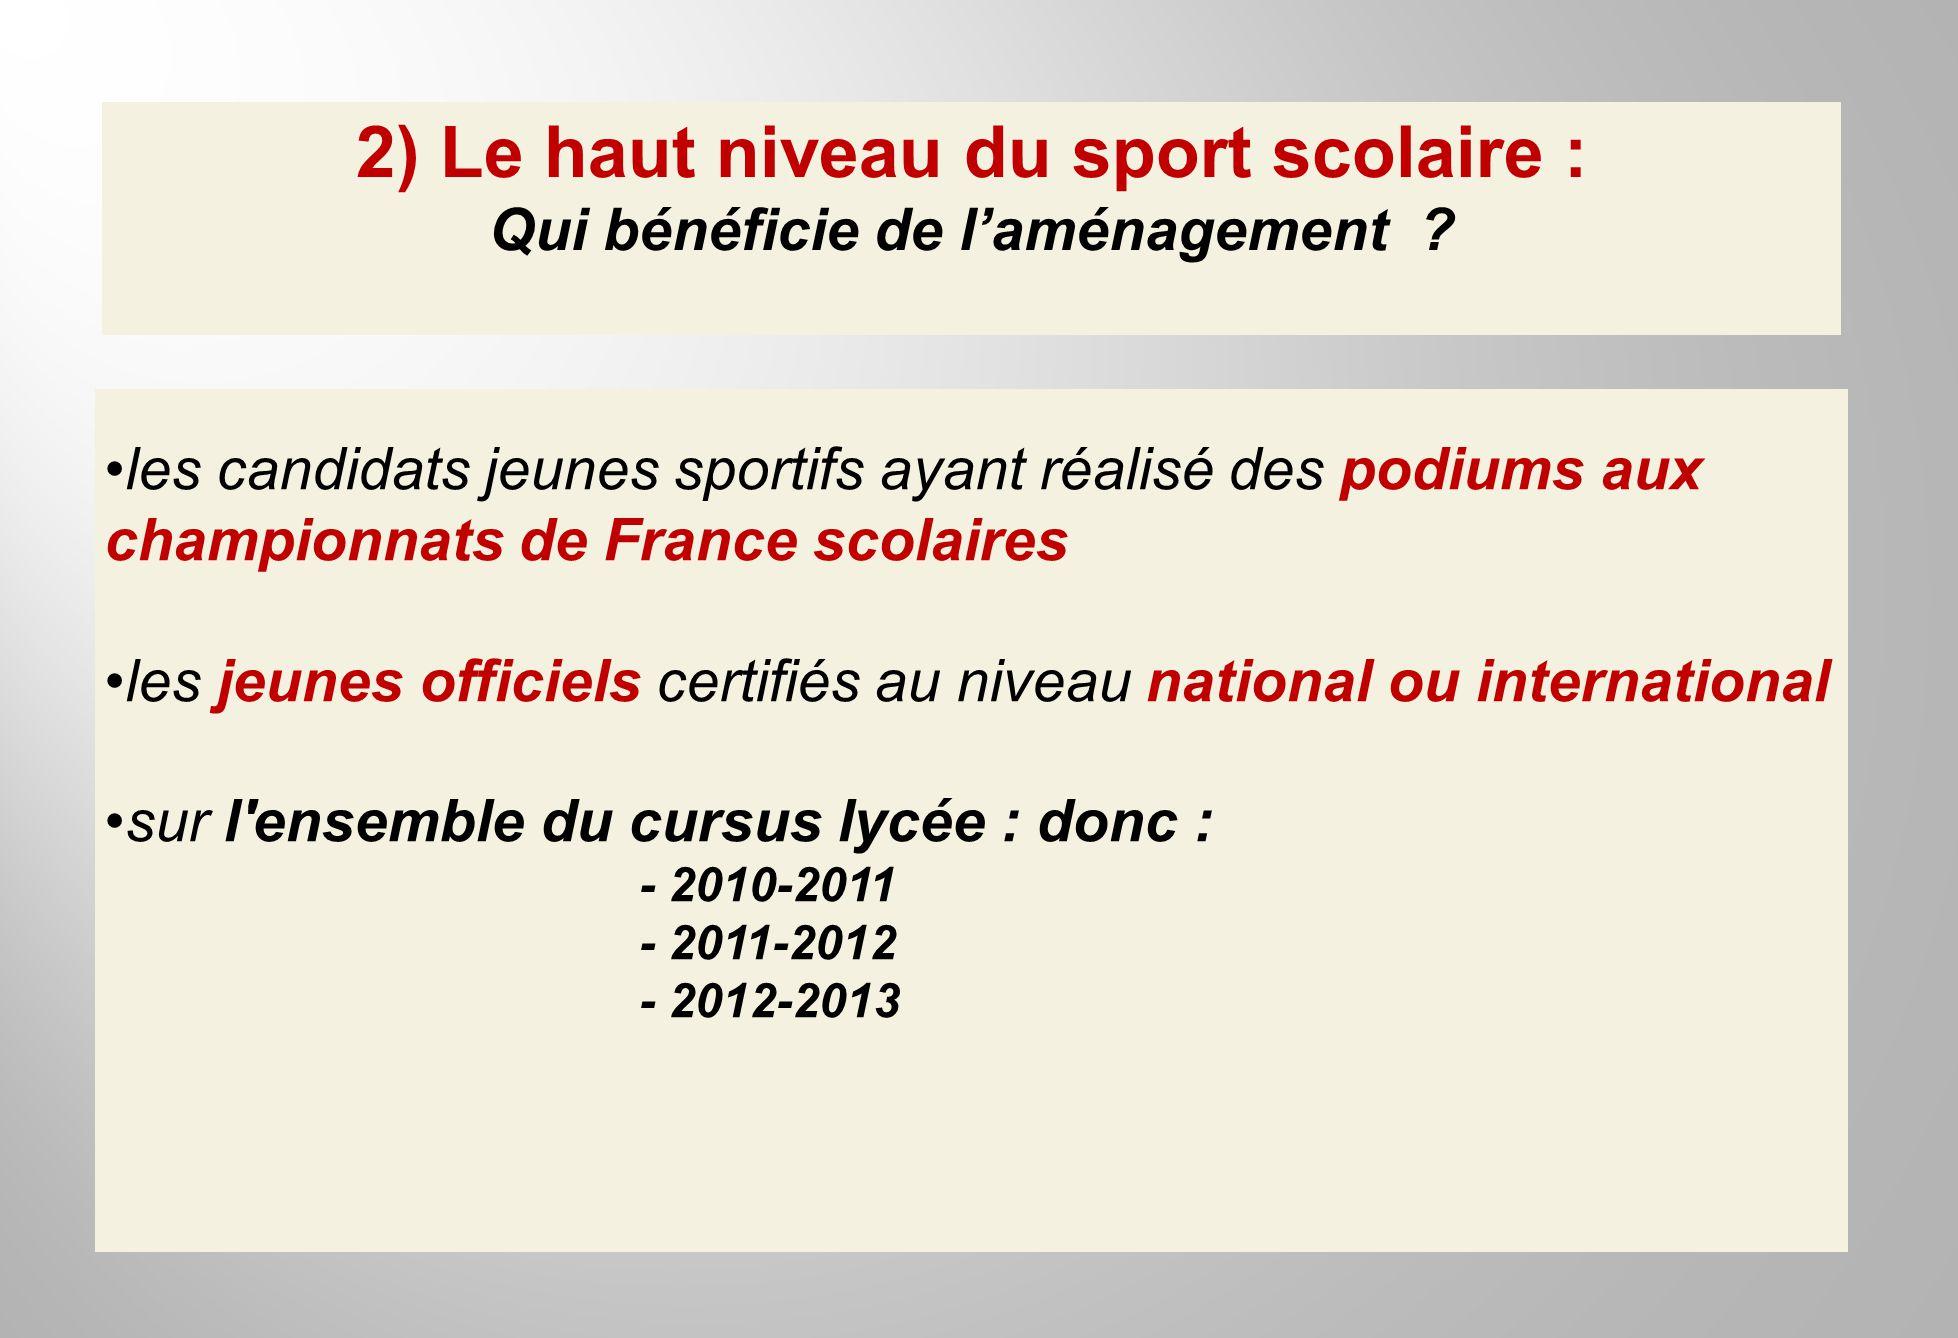 2) Le haut niveau du sport scolaire : Qui bénéficie de laménagement ? les candidats jeunes sportifs ayant réalisé des podiums aux championnats de Fran